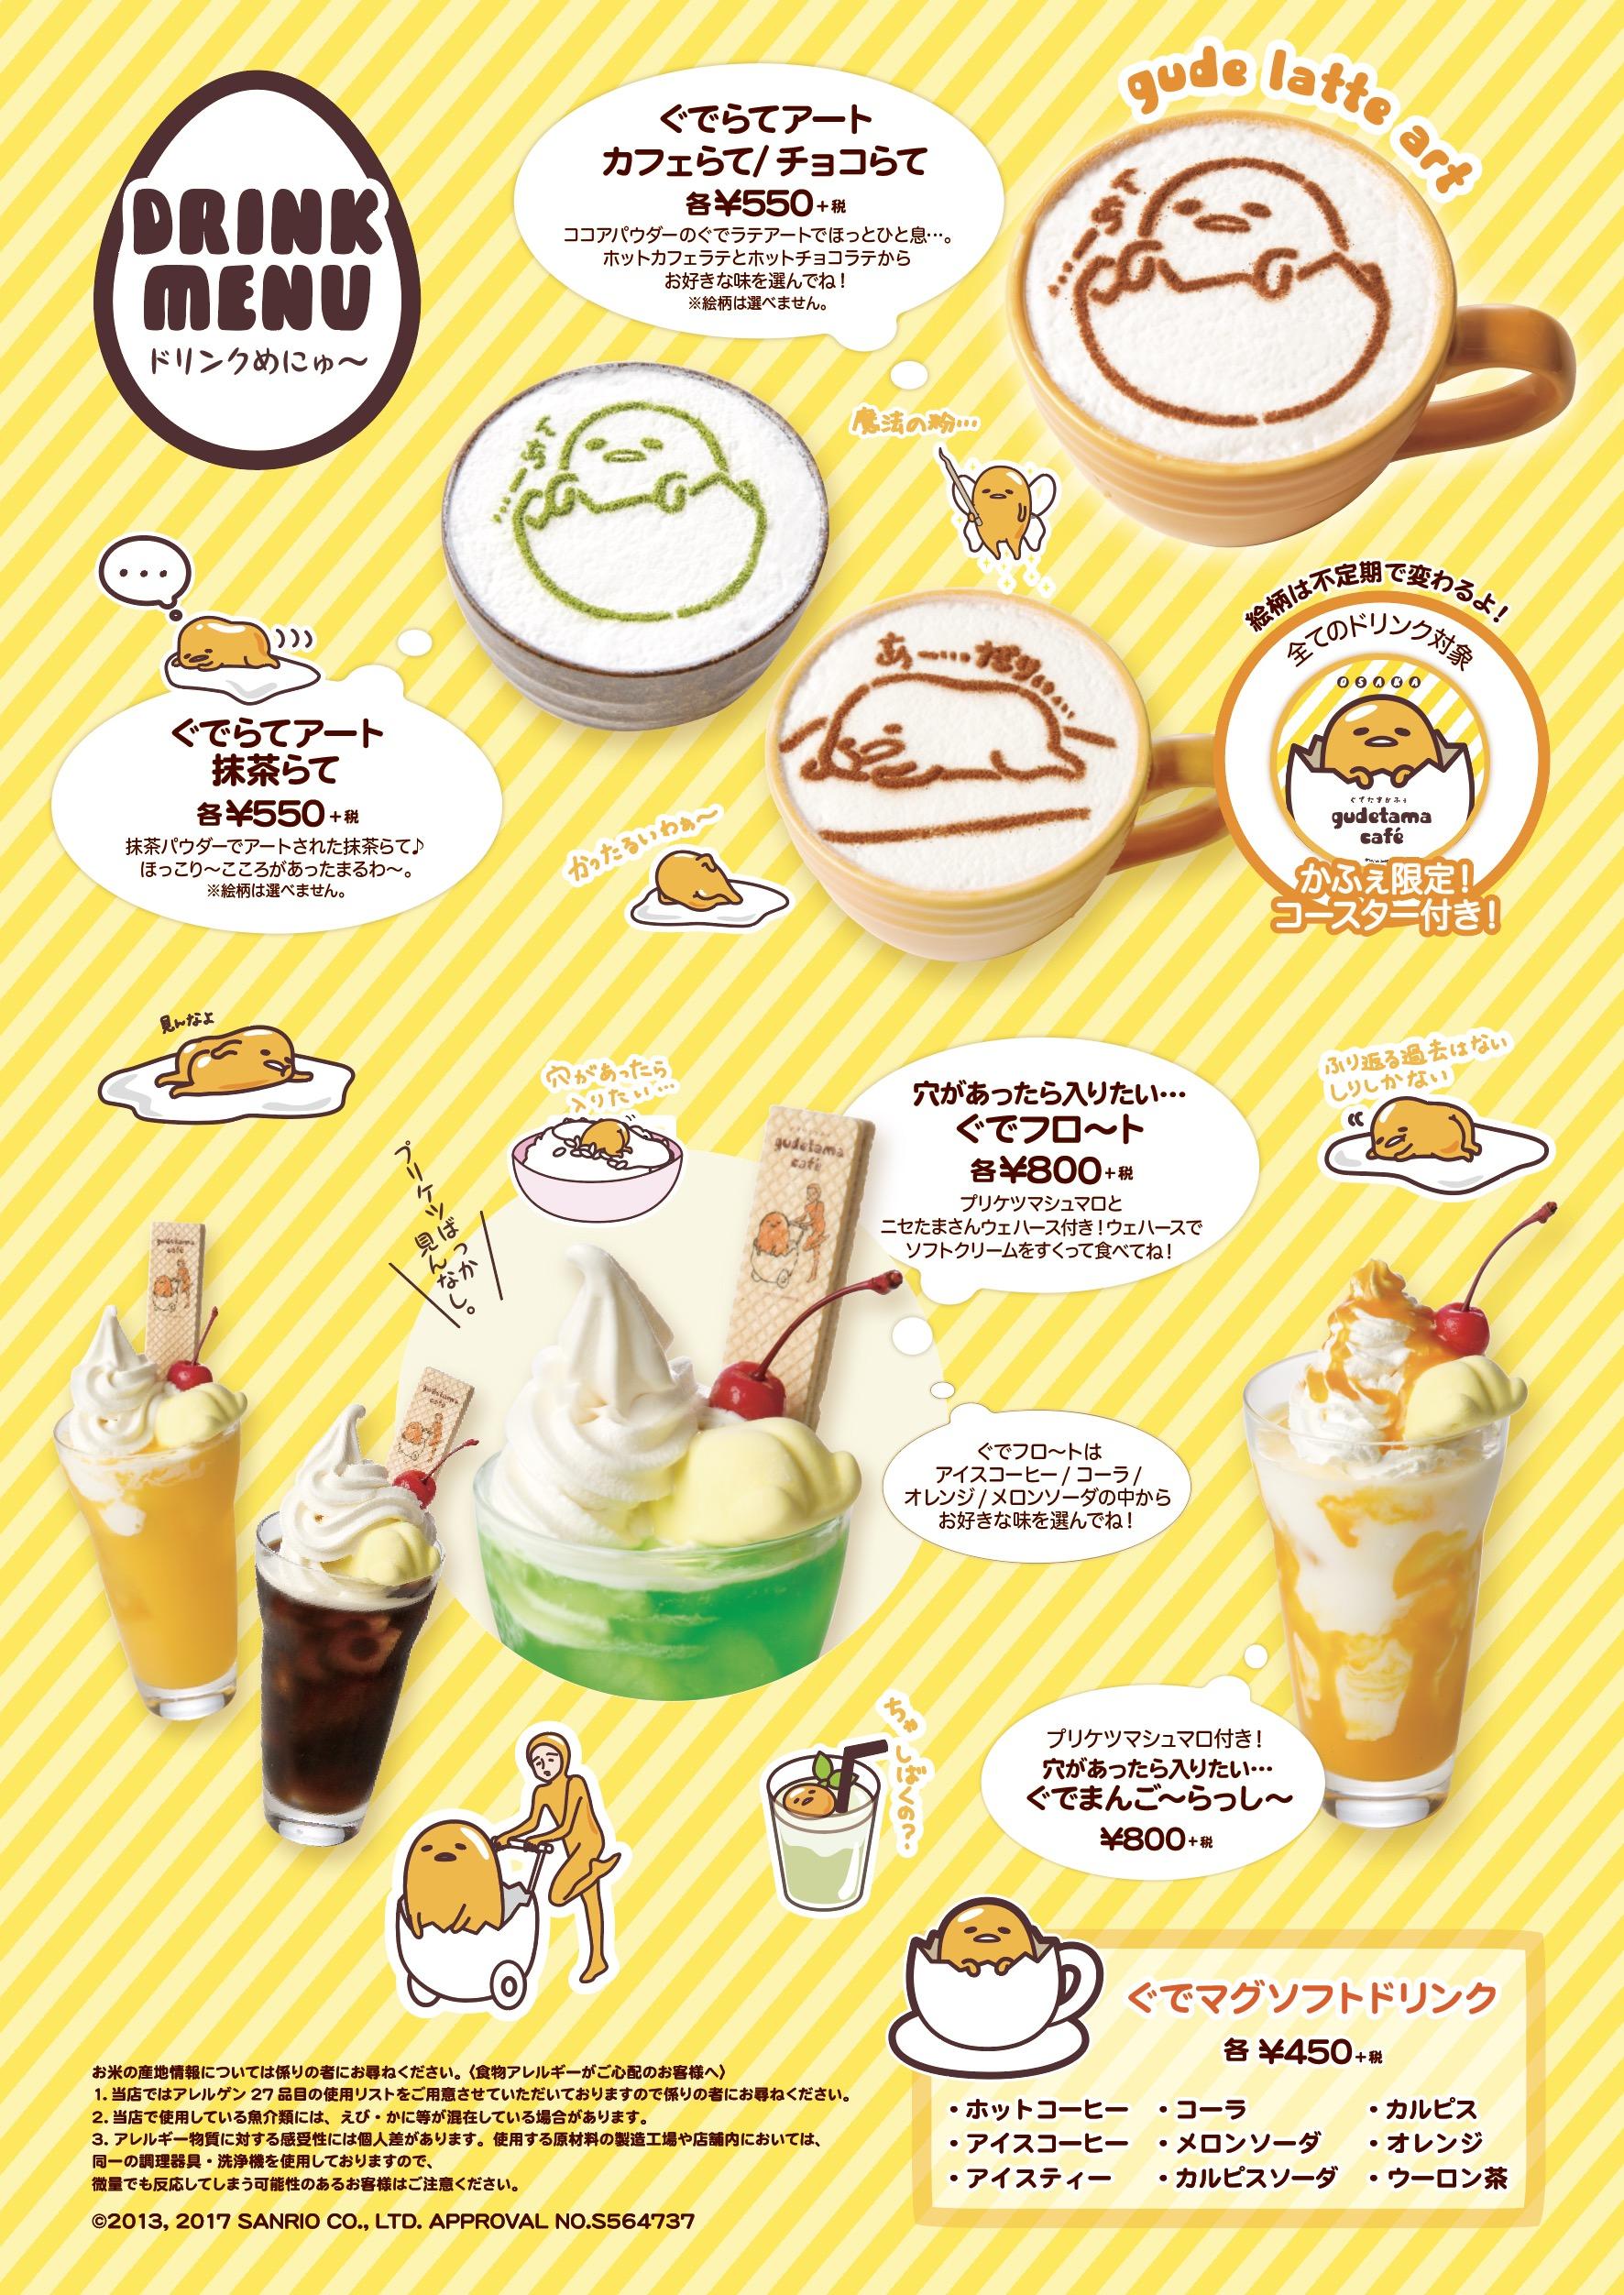 menu_03.jpg